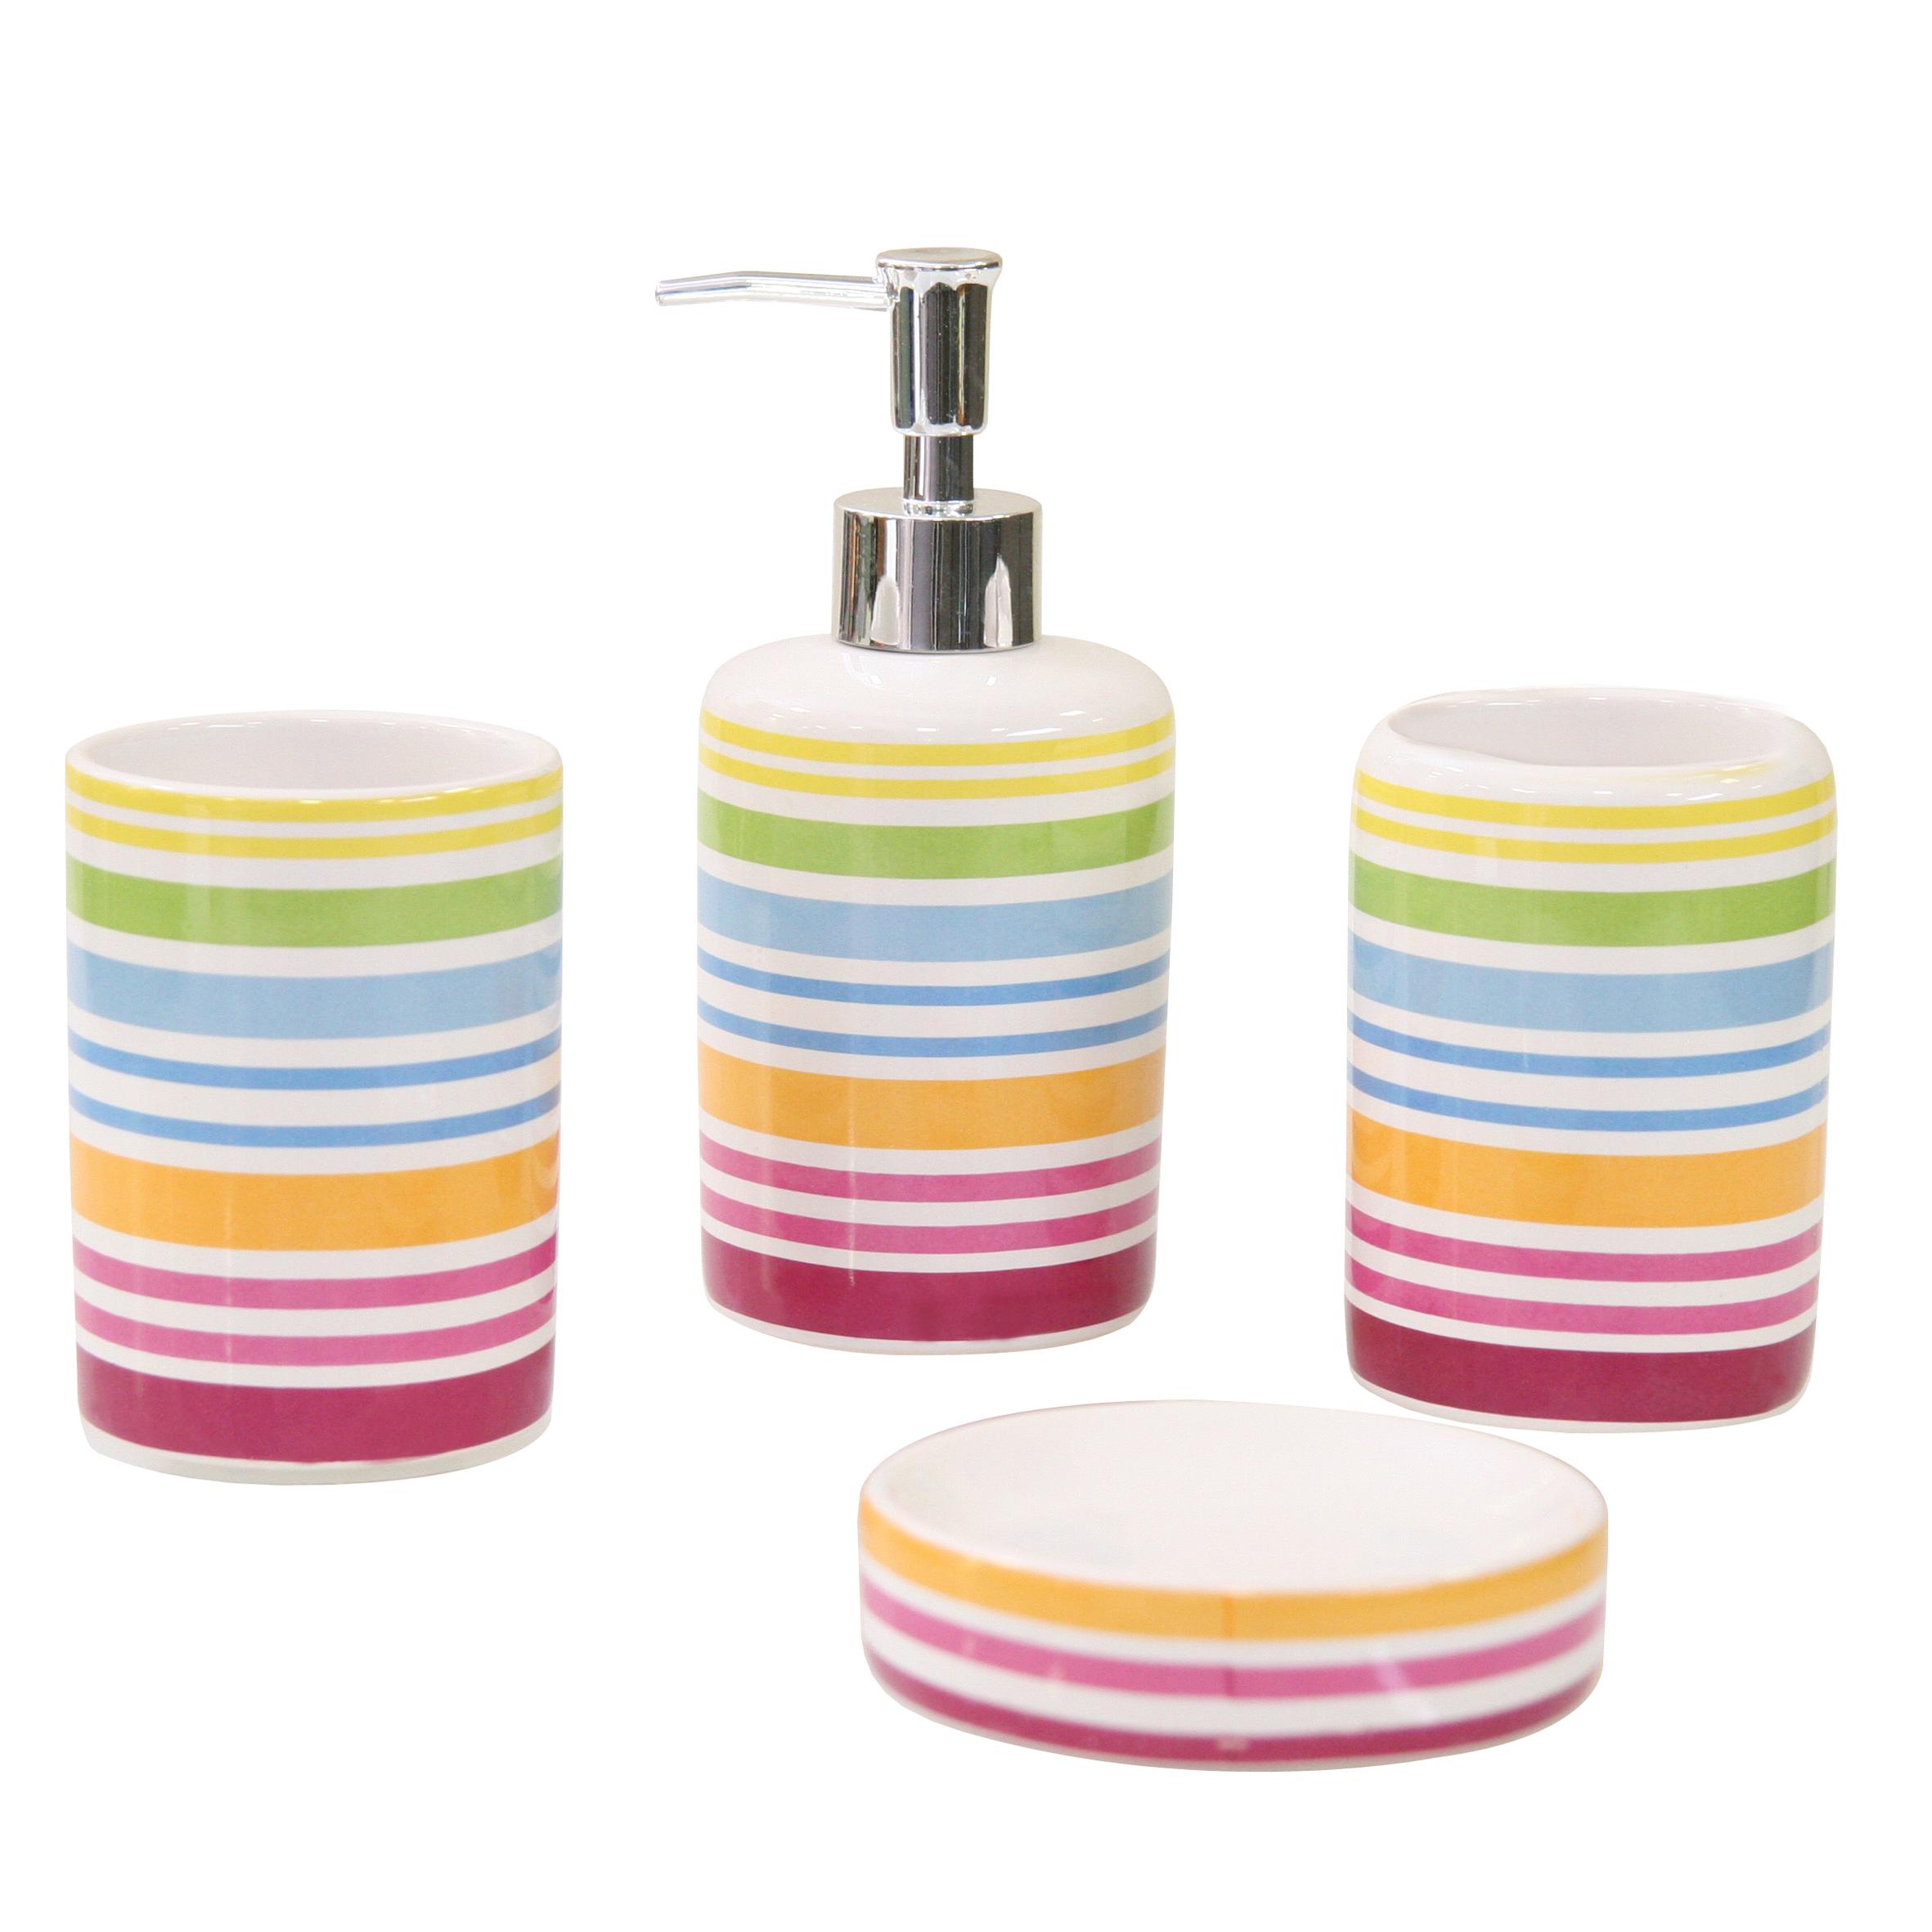 Набор для ванной комнаты Axentia Rio, 4 предметаCLP446Набор для ванной комнаты Axentia Rio, выполнен из натуральной и элегантной керамики, состоит из стакана для зубных щеток, дозатора для жидкого мыла и мыльницы. Изделия декорированы яркими полосками.Аксессуары, входящие в набор Axentia Rio, выполняют не только практическую, но и декоративную функцию. Они способны внести в помещение изысканность, сделать пребывание в нем приятным и даже незабываемым.